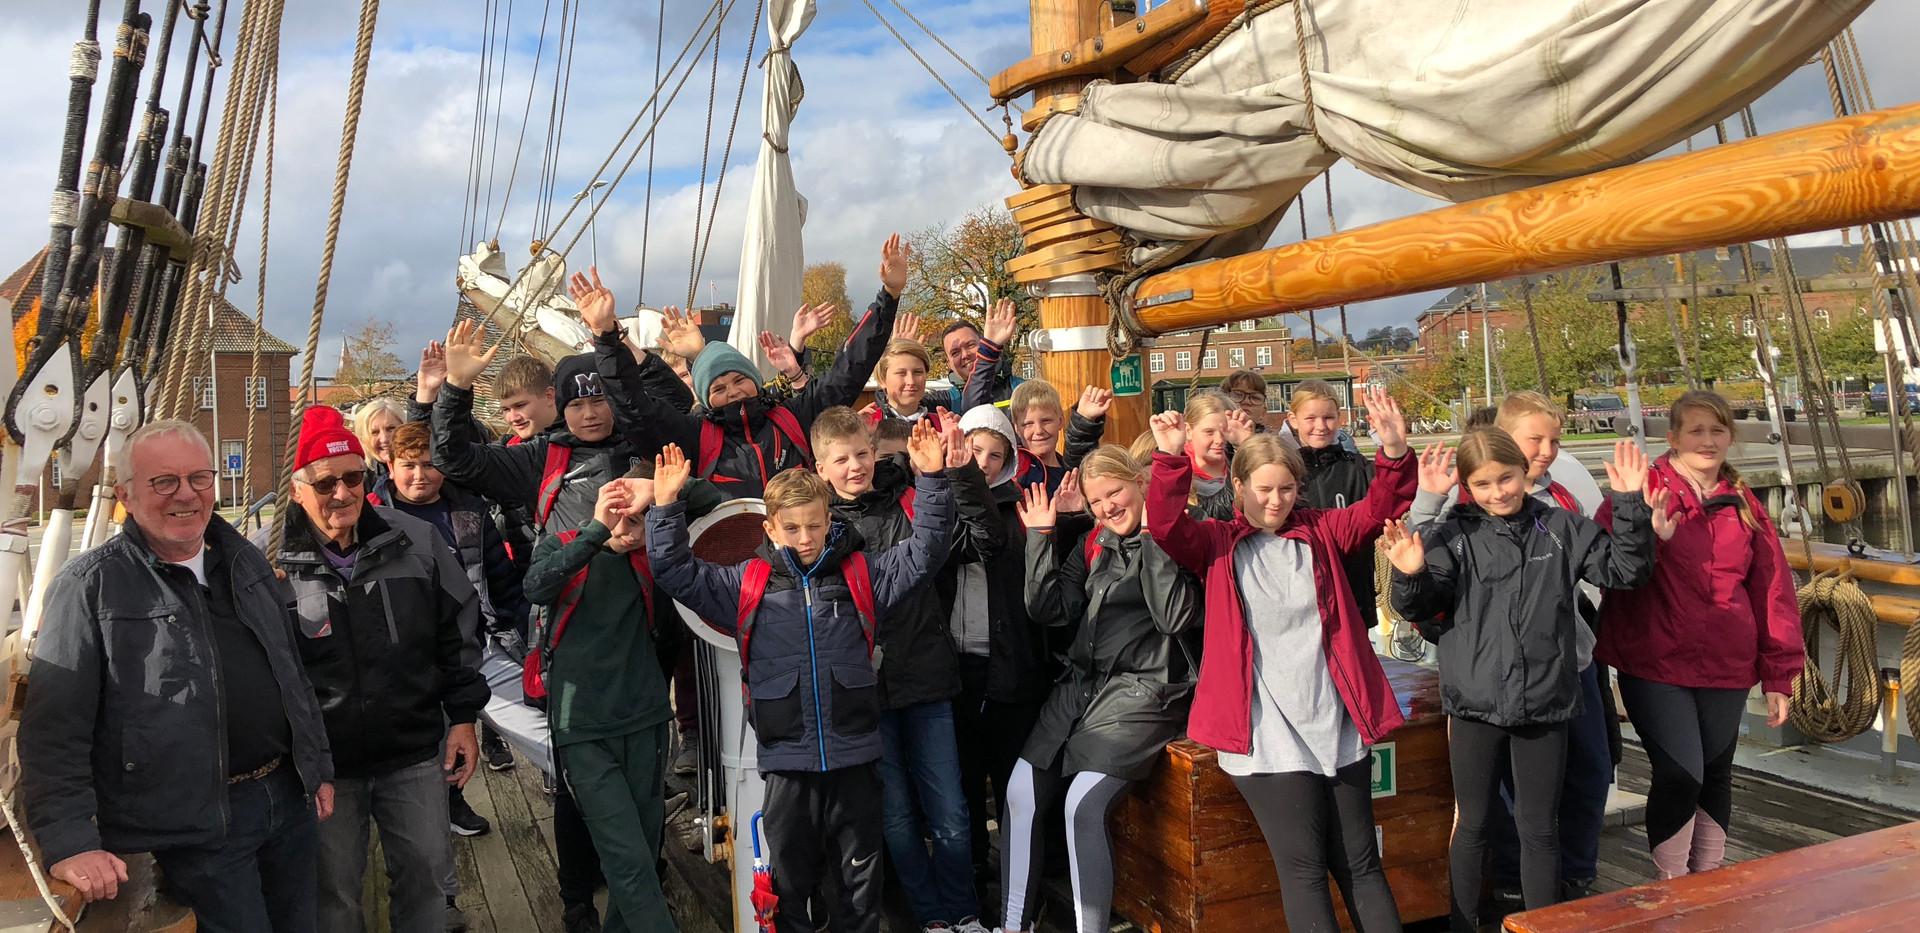 Sejlskibet FREM - Julemærkehjemmet Fjordmark